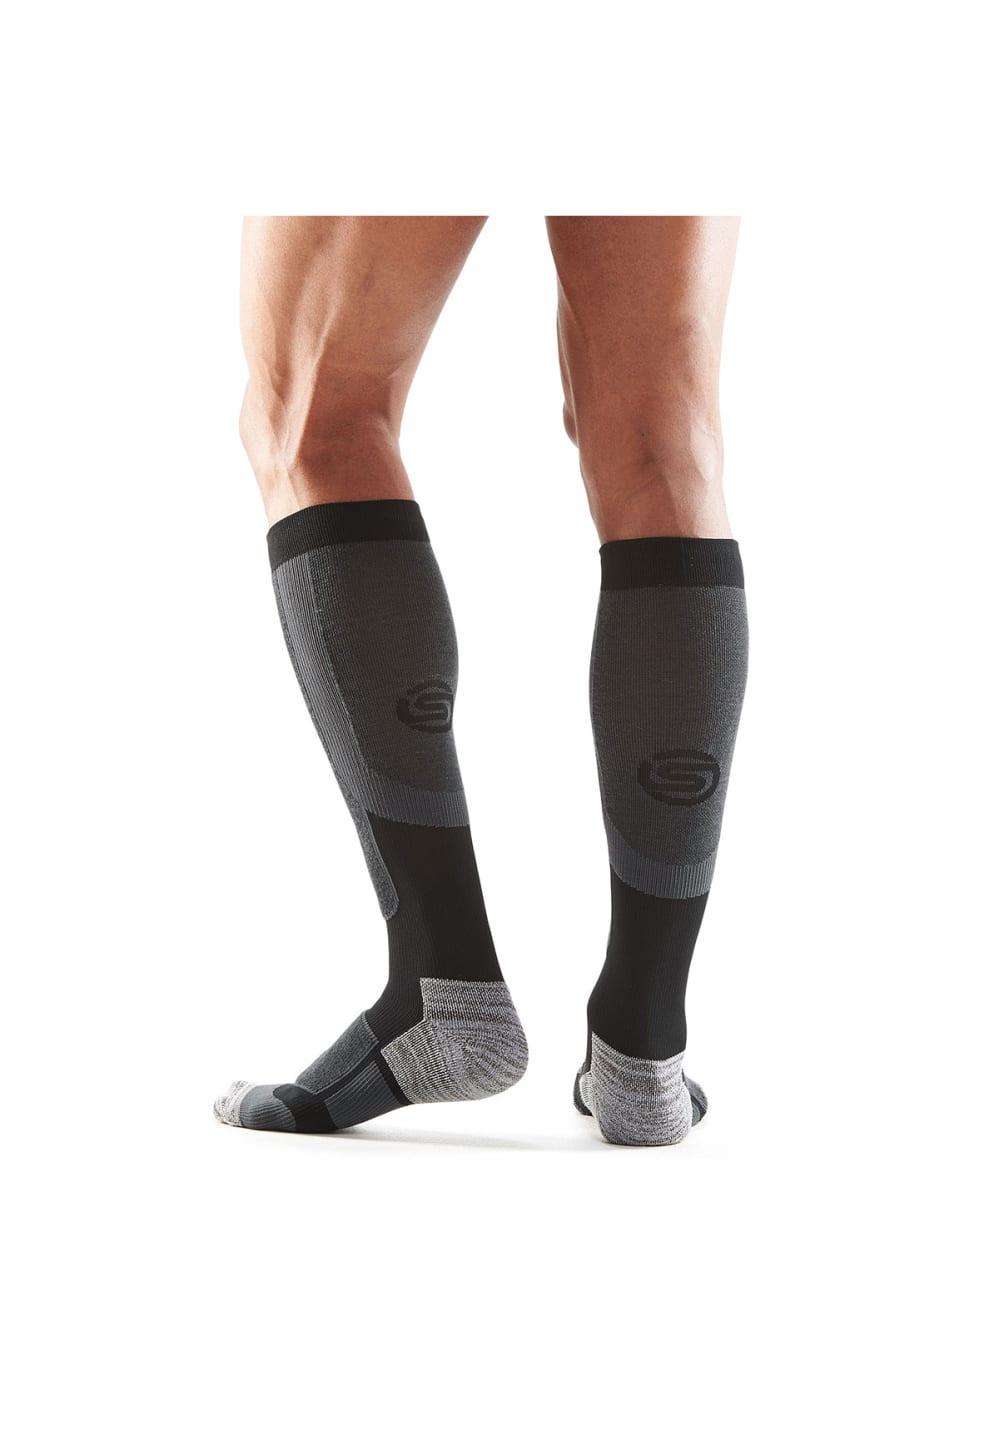 Skins Essentials Comp Socks Active - Laufsocken für Herren - Schwarz, Gr. L